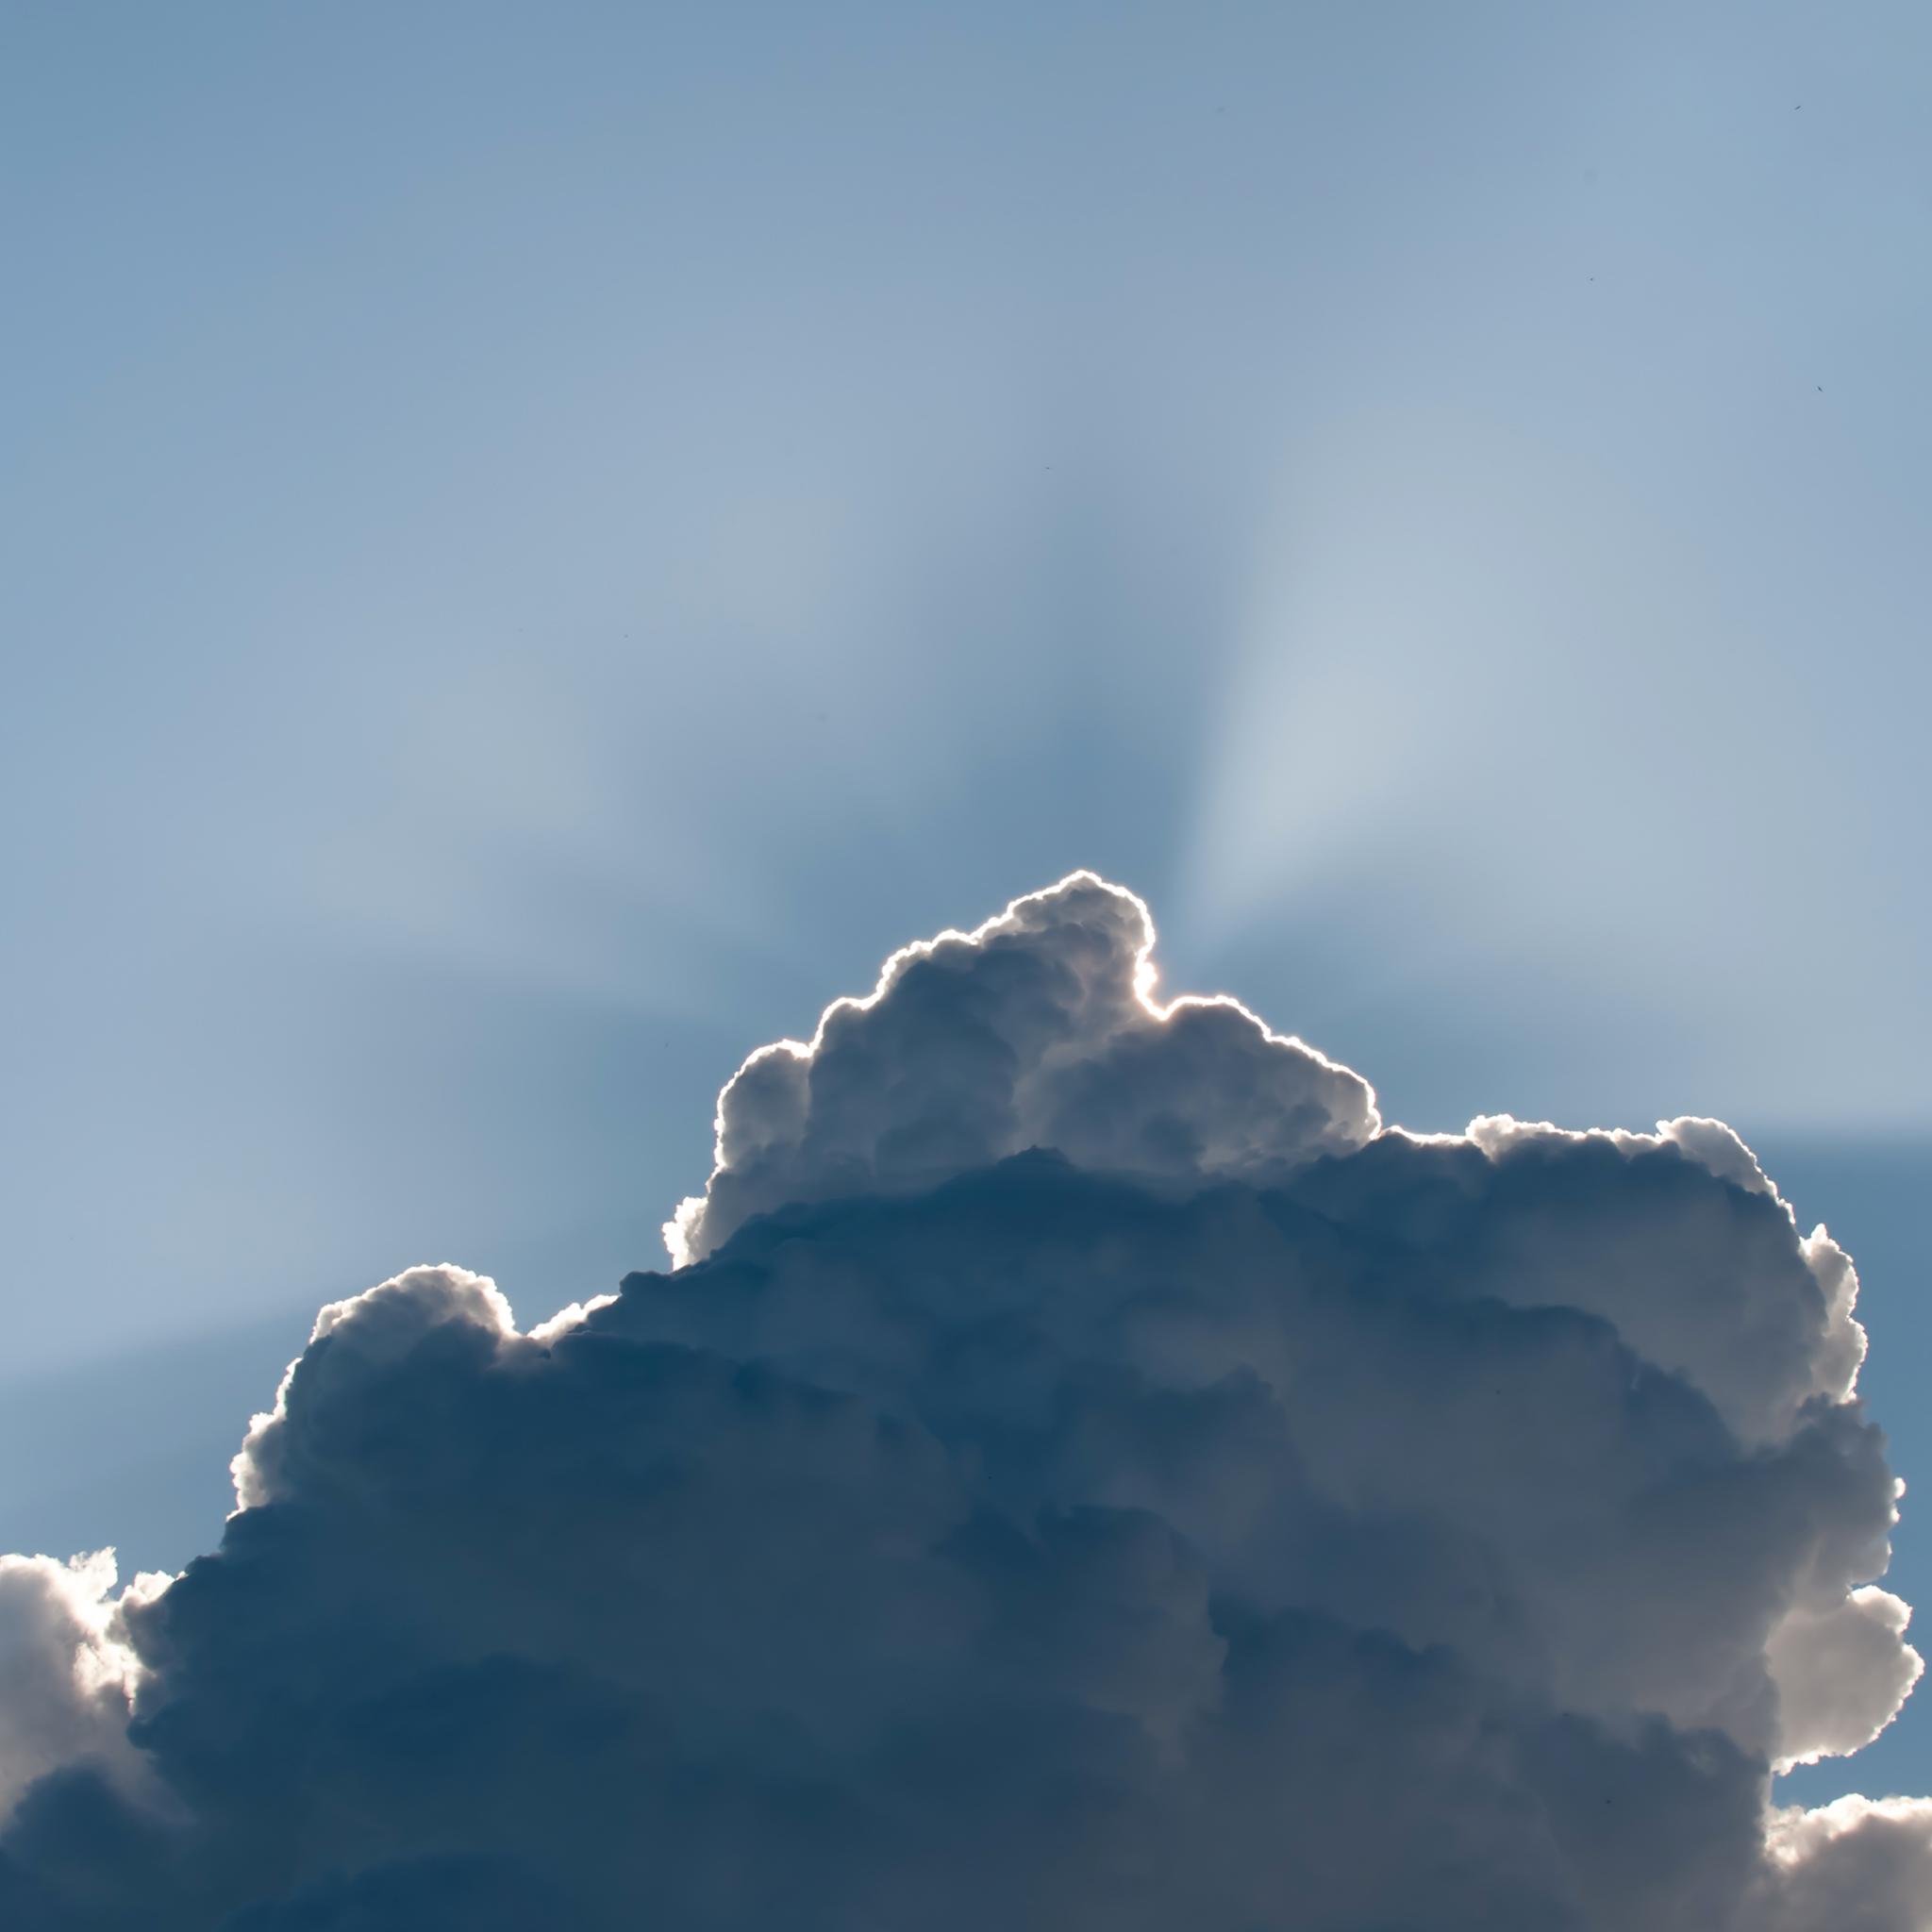 Cloud-Lightining-3Wallpapers-iPad-Retina